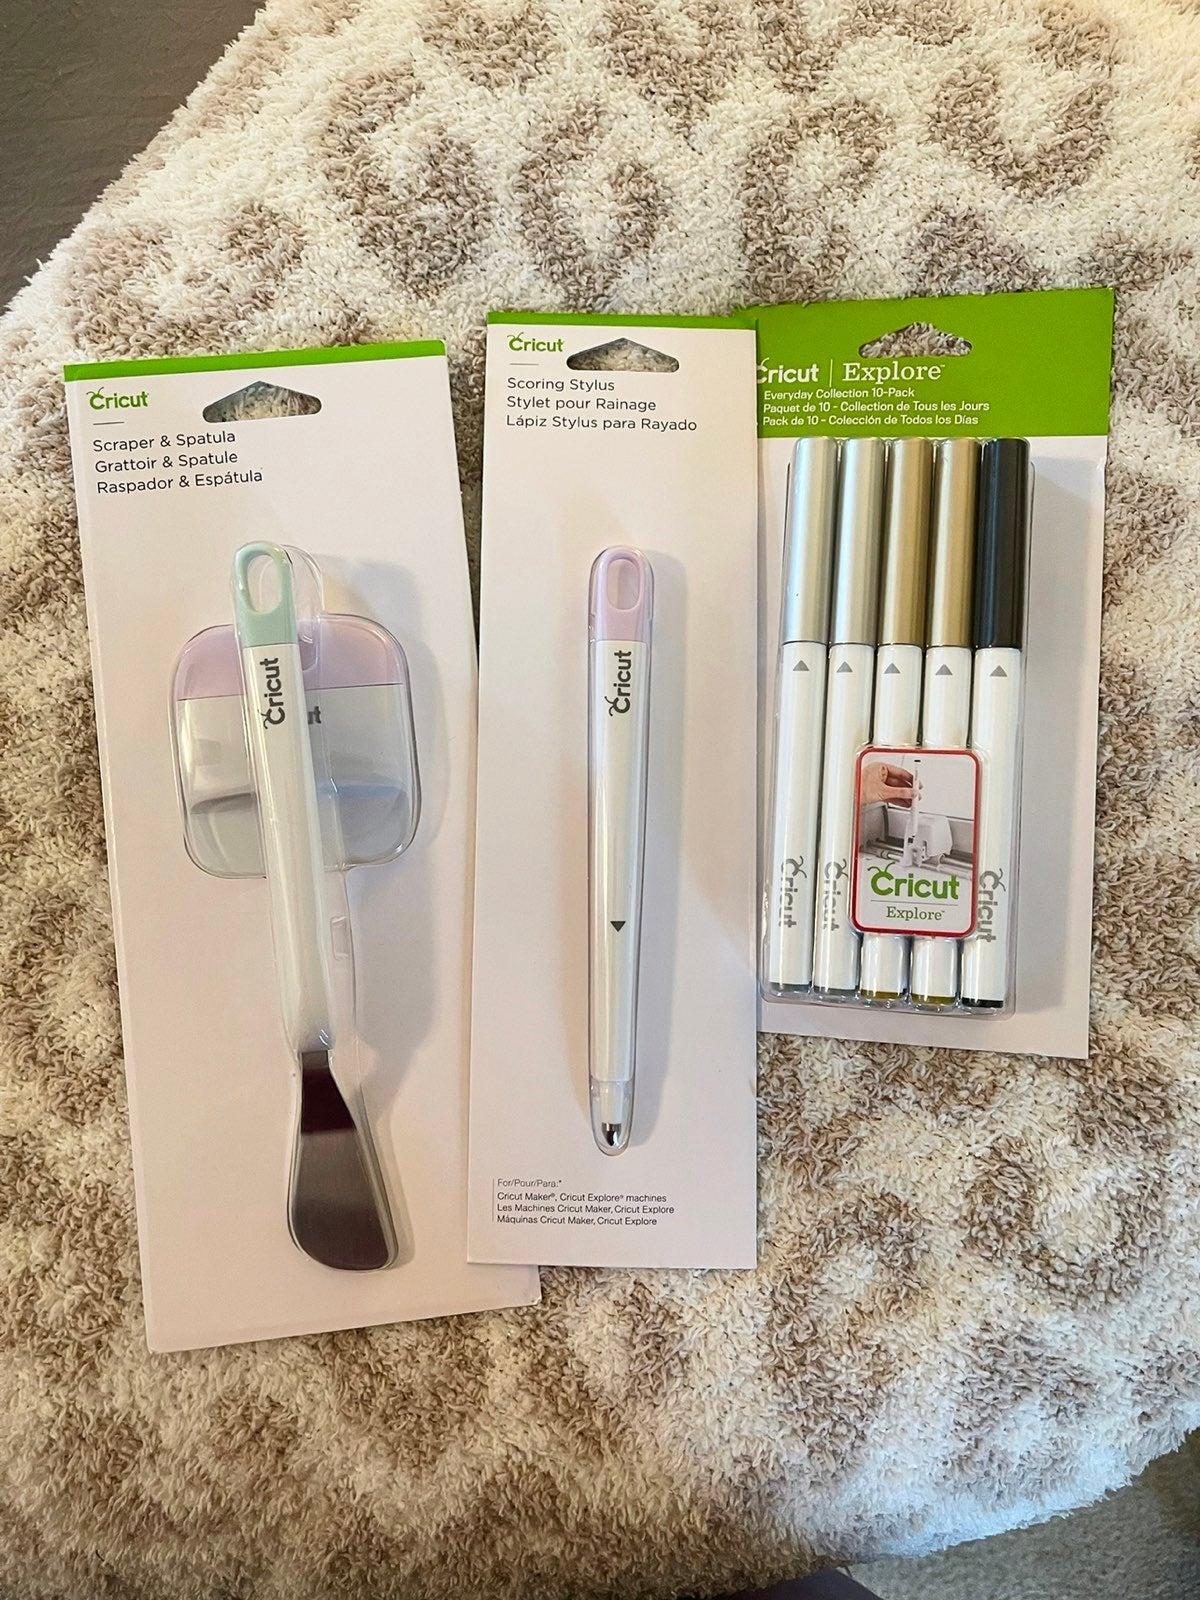 Cricut Tools & Pen Set